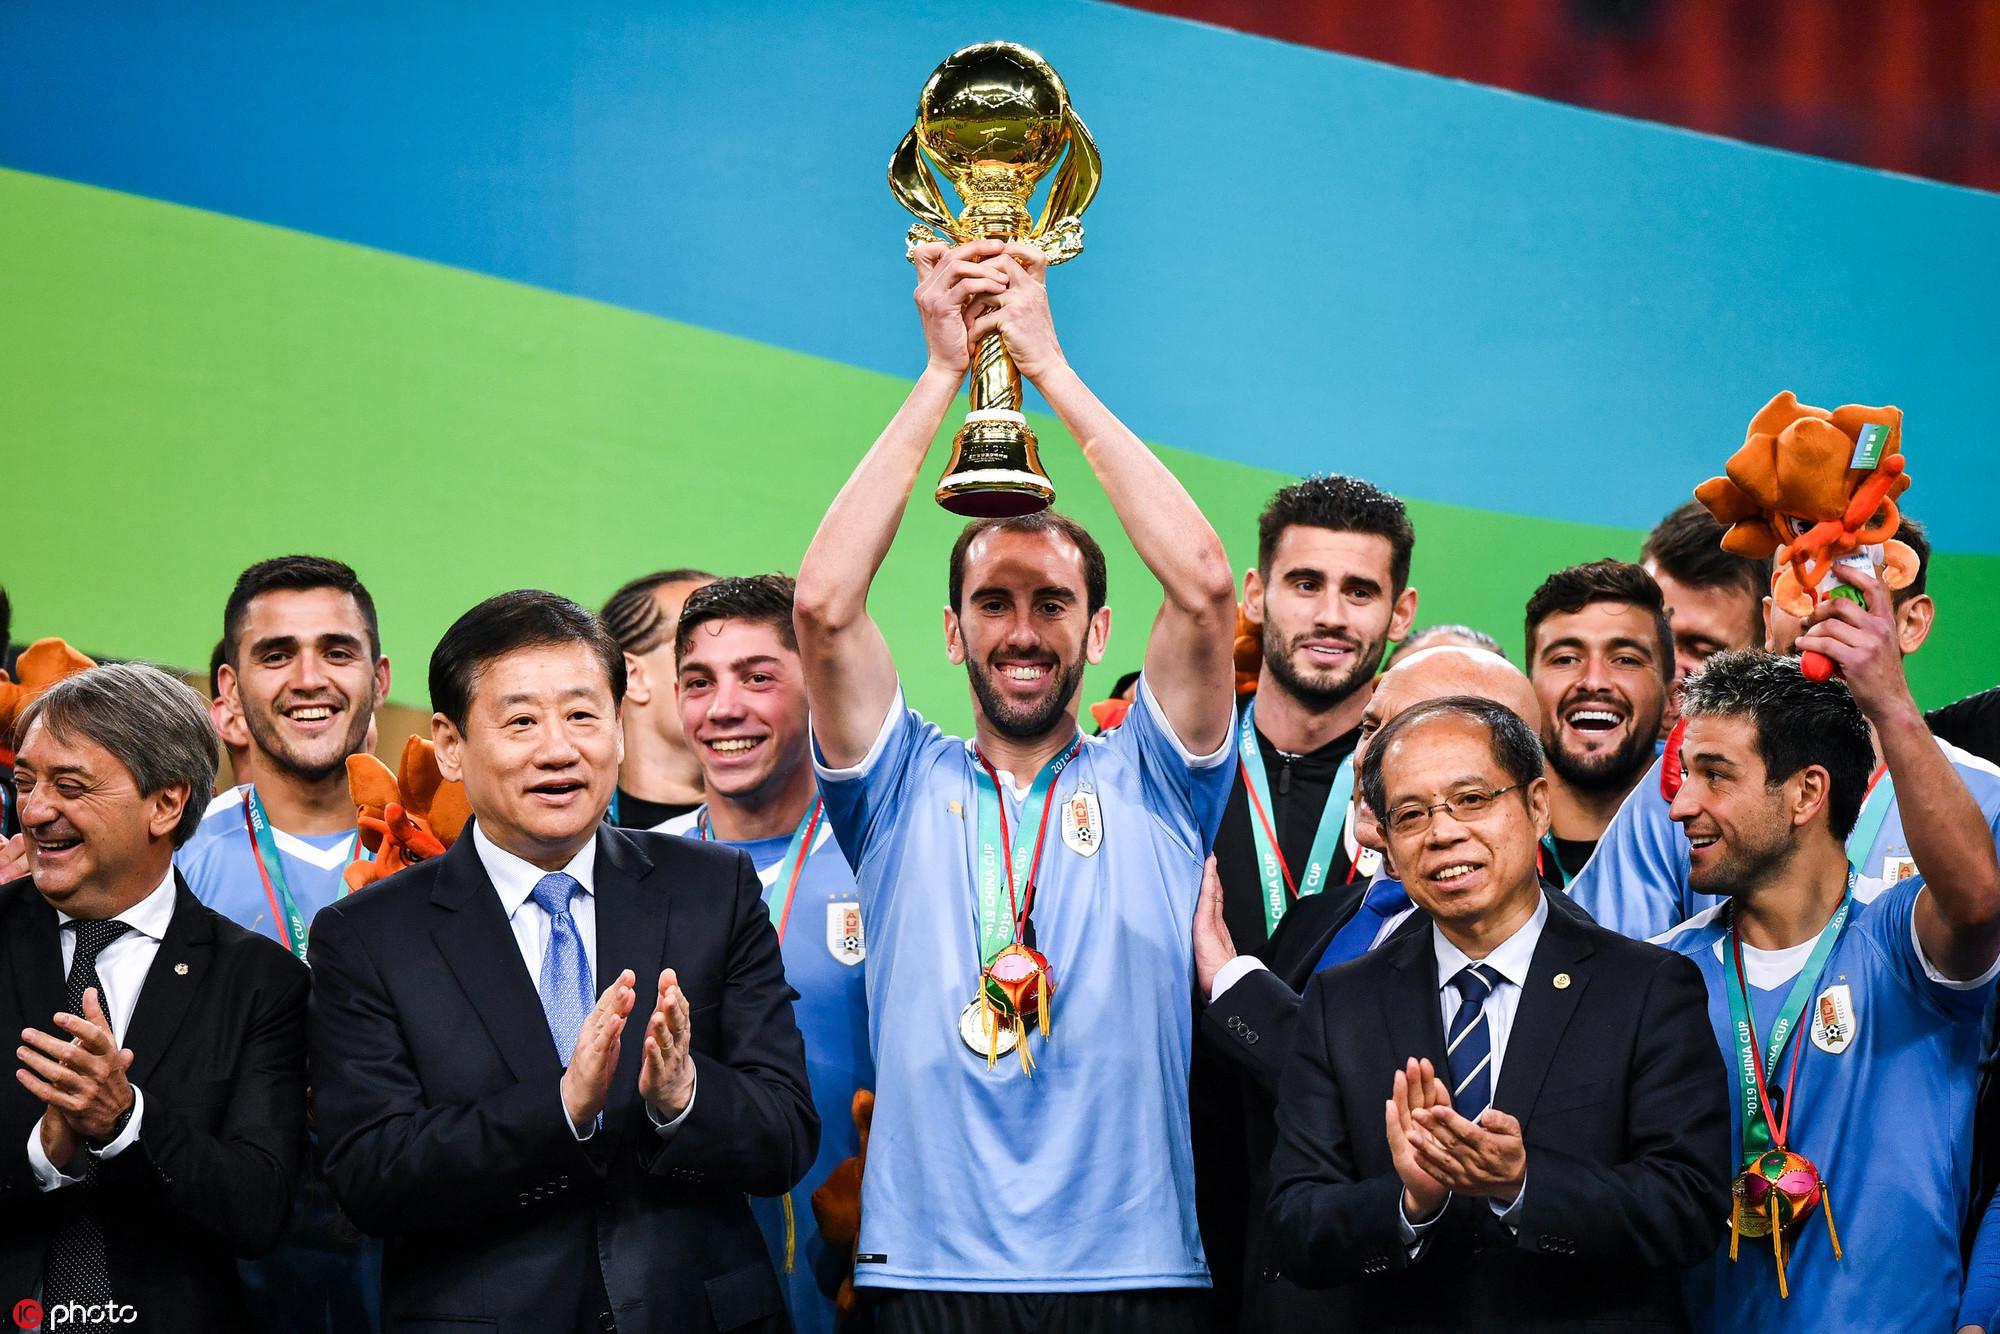 2019格力·中國杯國際足球錦標賽在南寧圓滿落幕